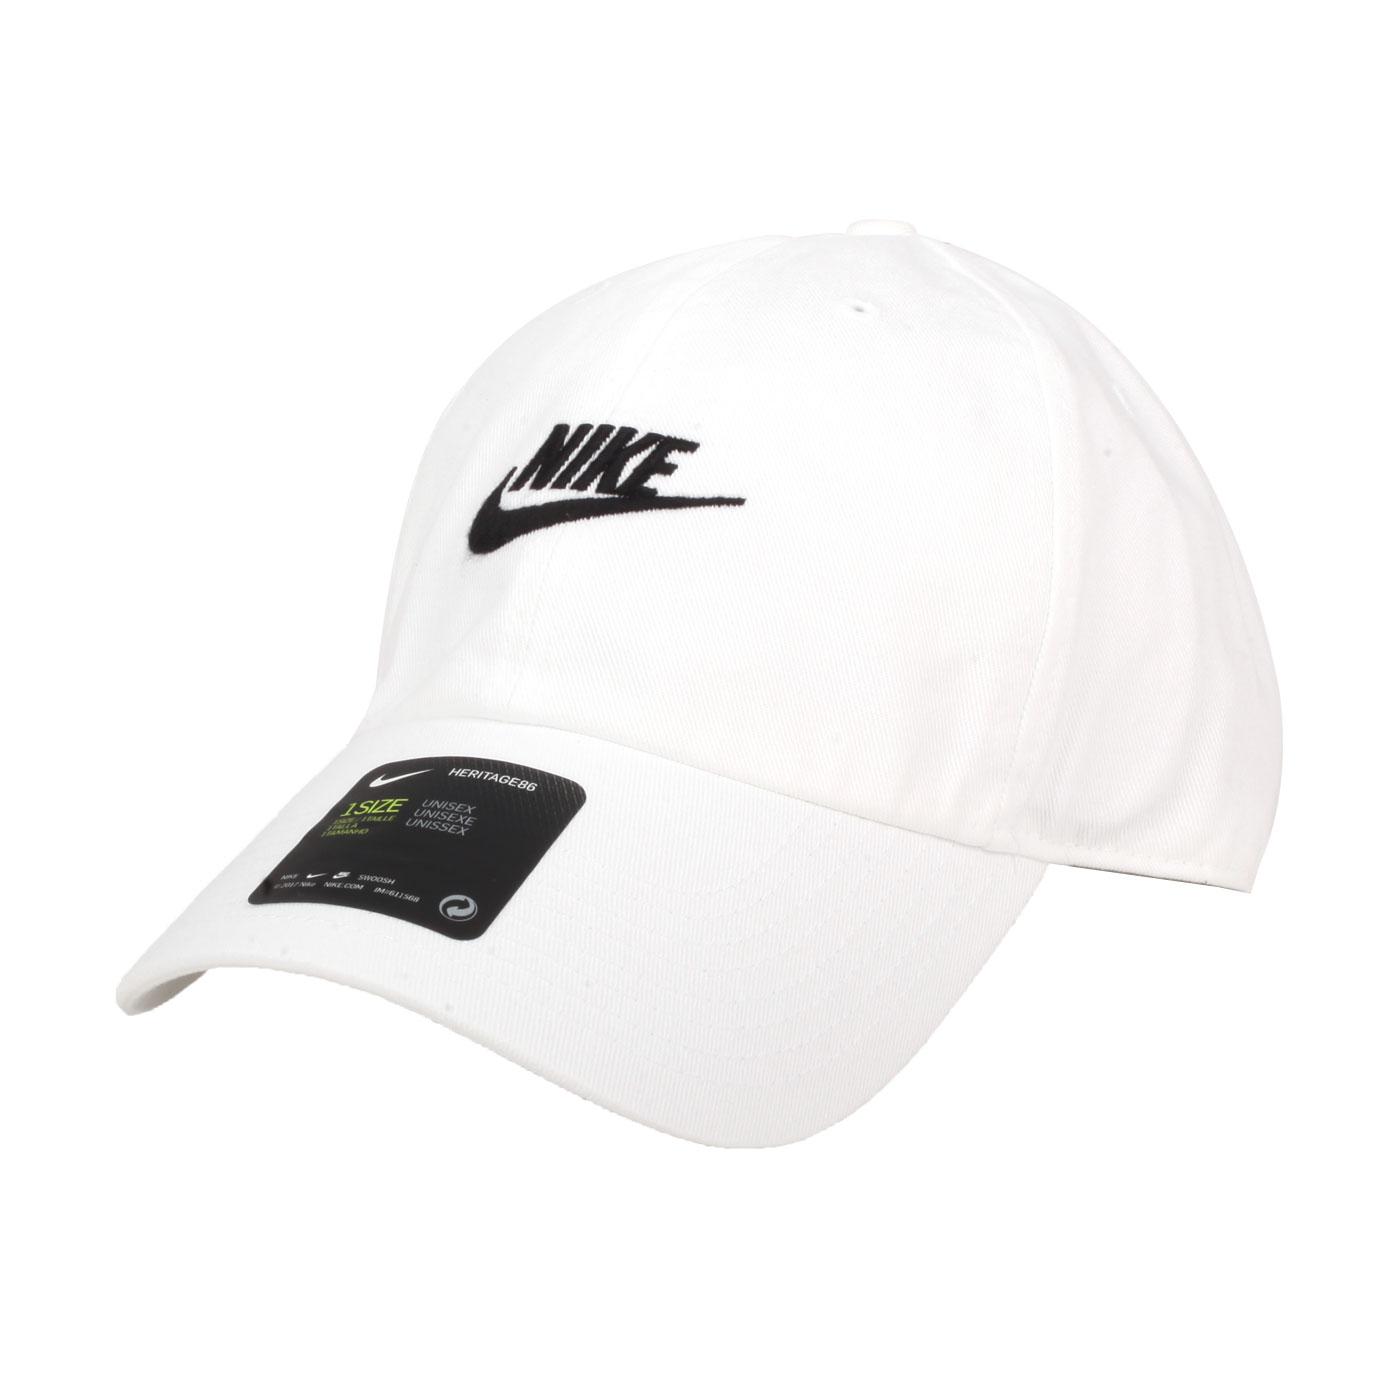 NIKE 帽子 913011-100 - 白黑